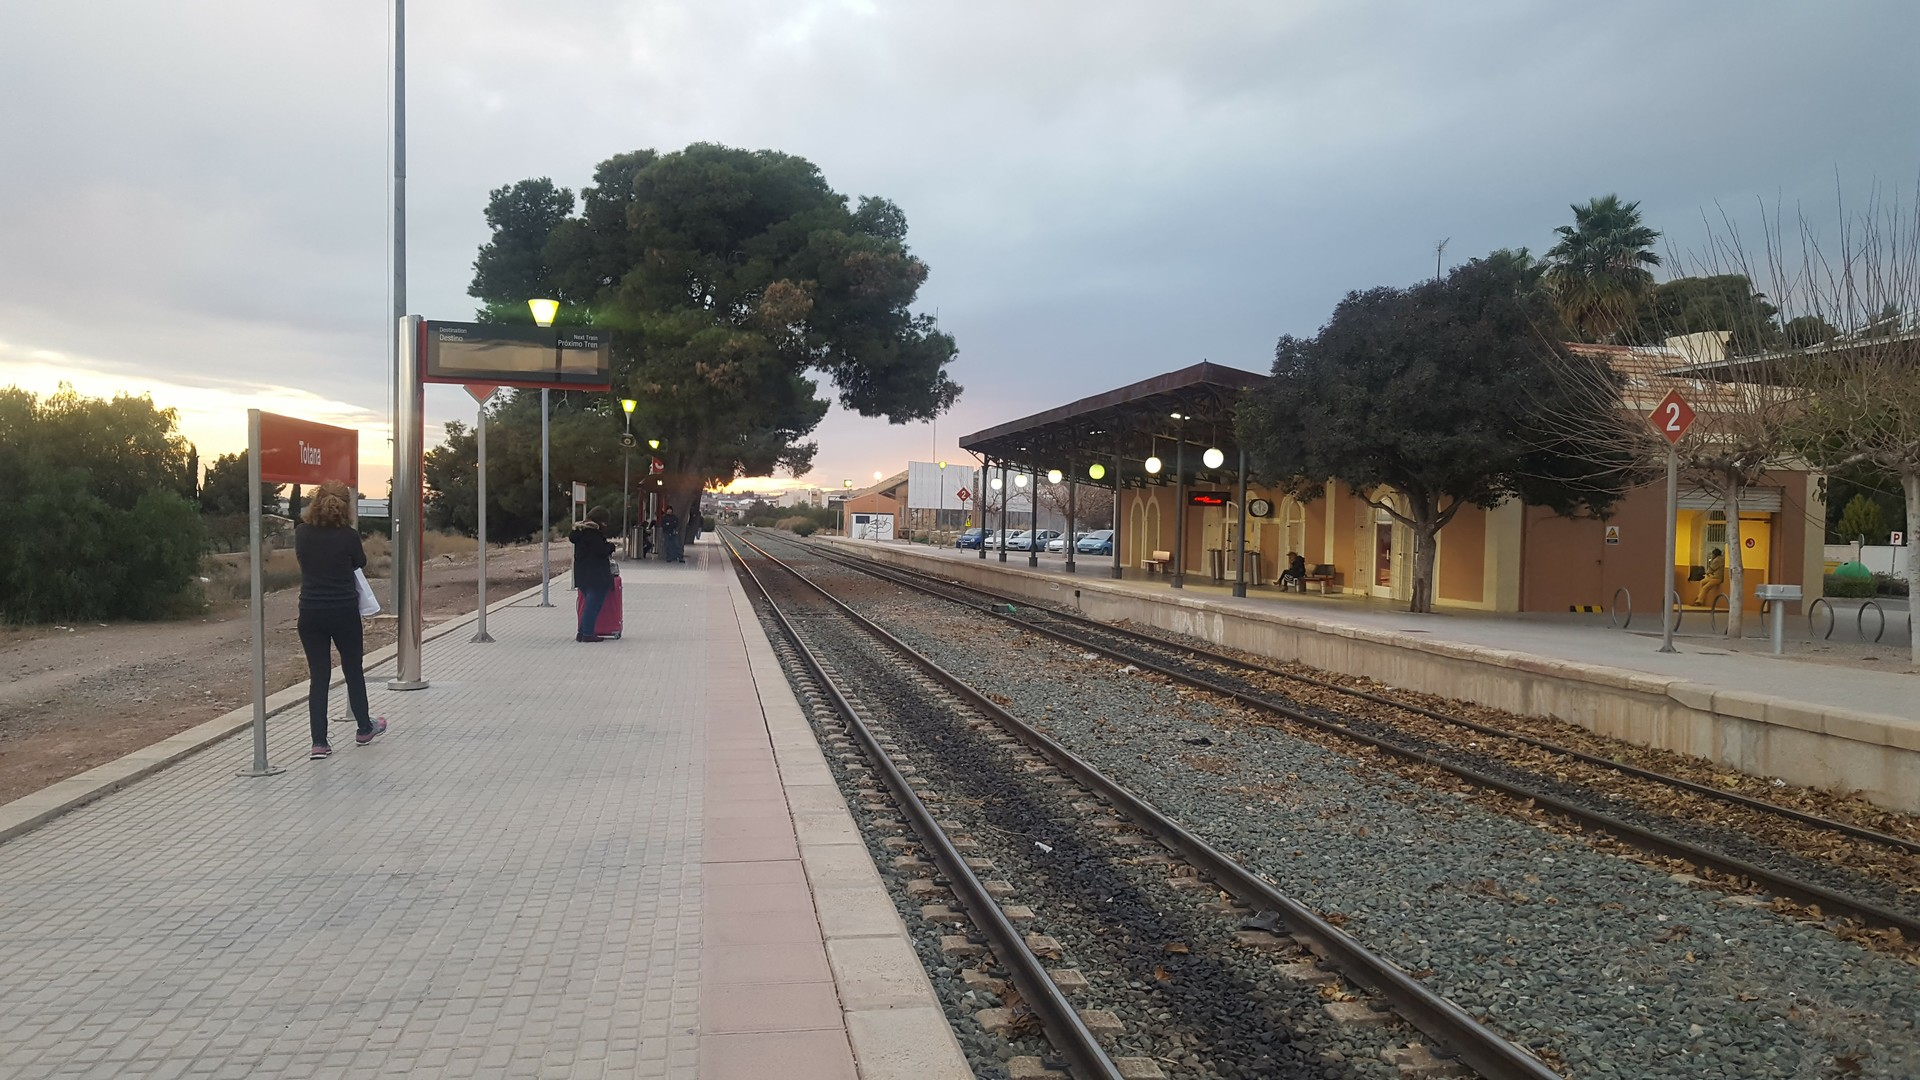 Estacion De Tren De Totana Blog Erasmus Murcia Espana